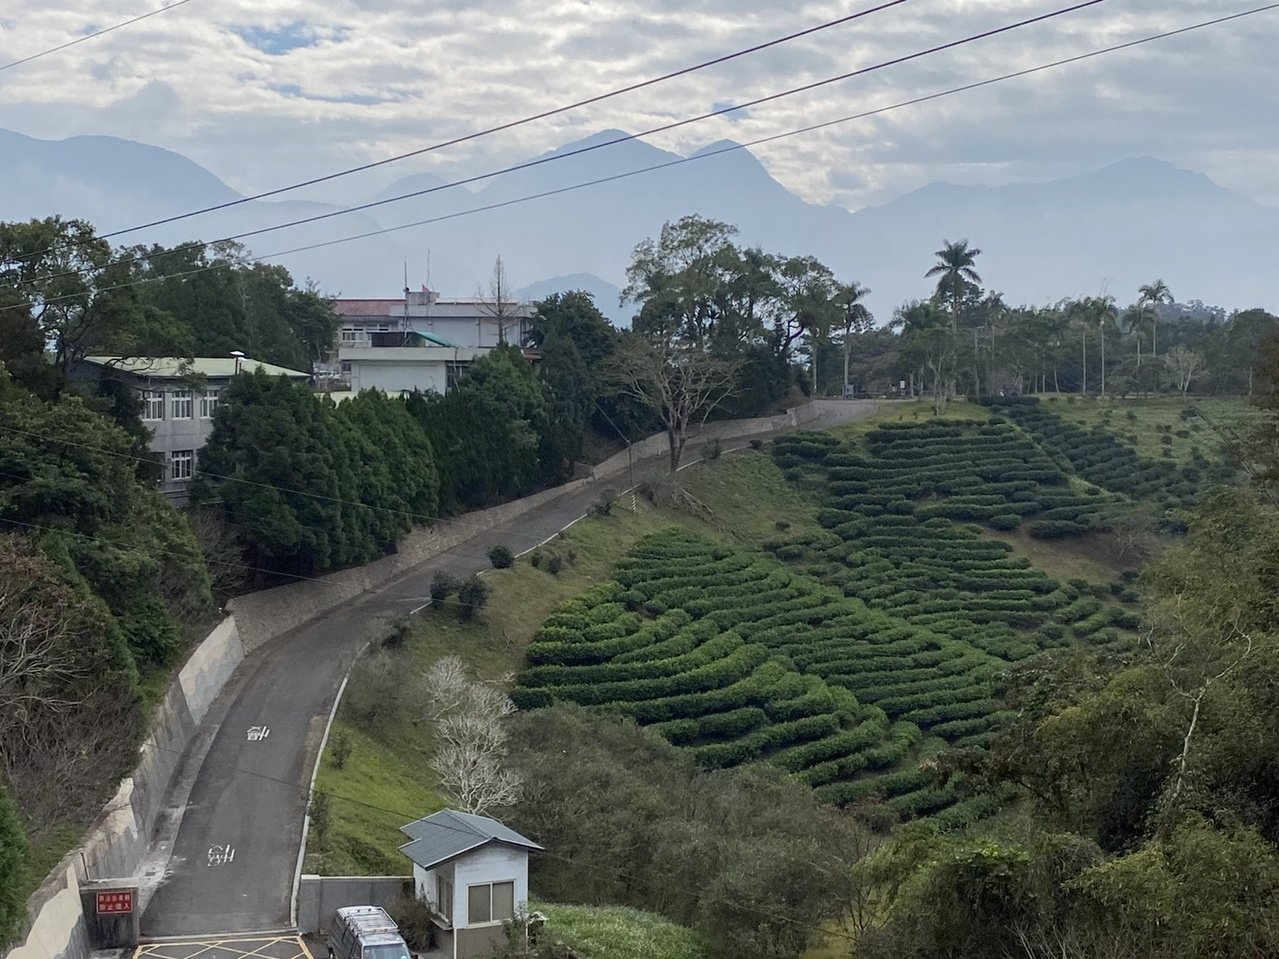 茶改場魚池分場是台灣紅茶的發源地,場外就是阿薩姆紅茶梯田。 圖/江良誠 攝影